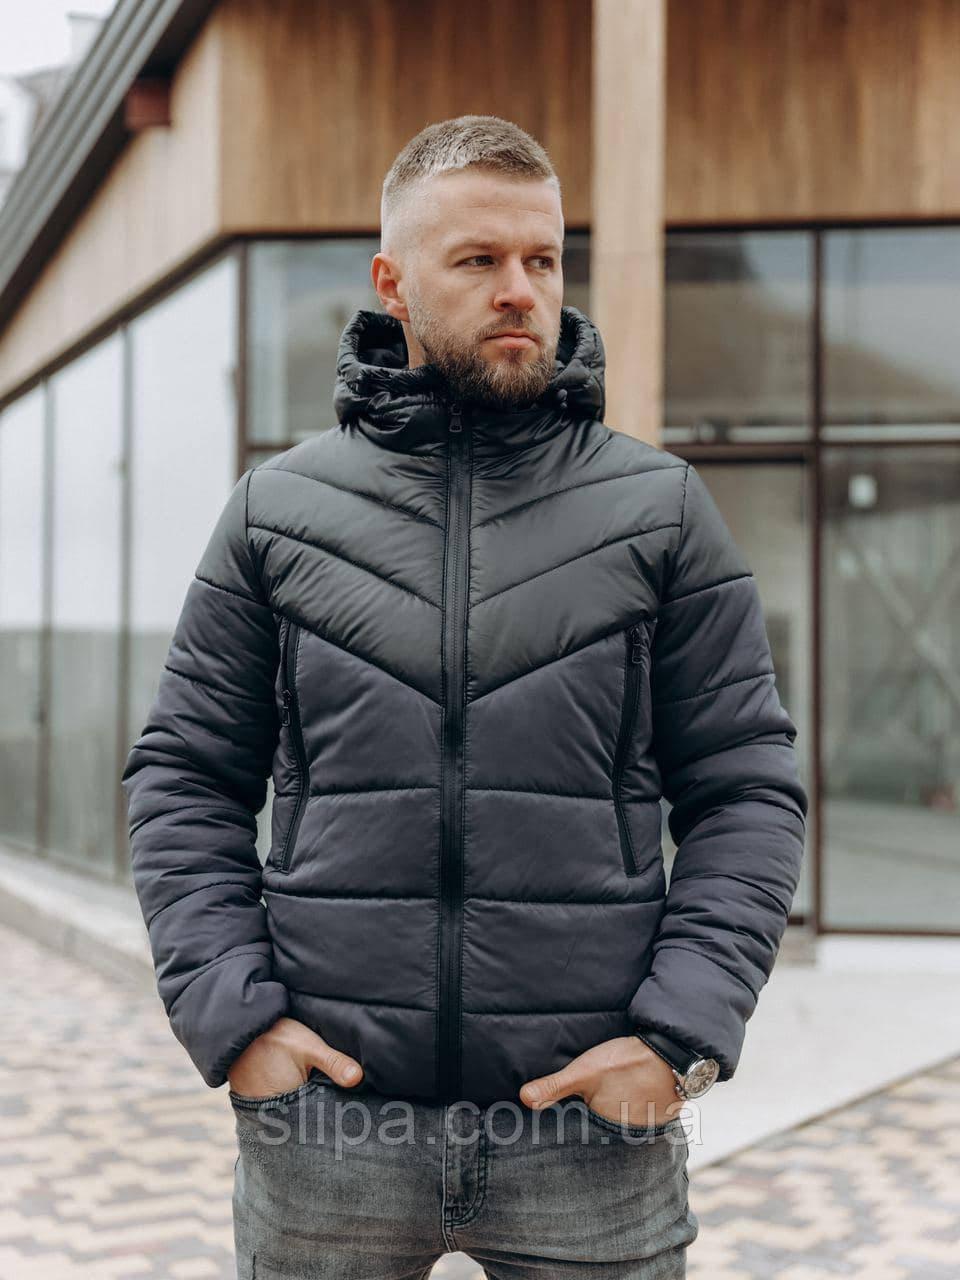 Мужская куртка с капюшоном тёмно синяя с чёрной вставкой (Холлофайбер, до -10С)